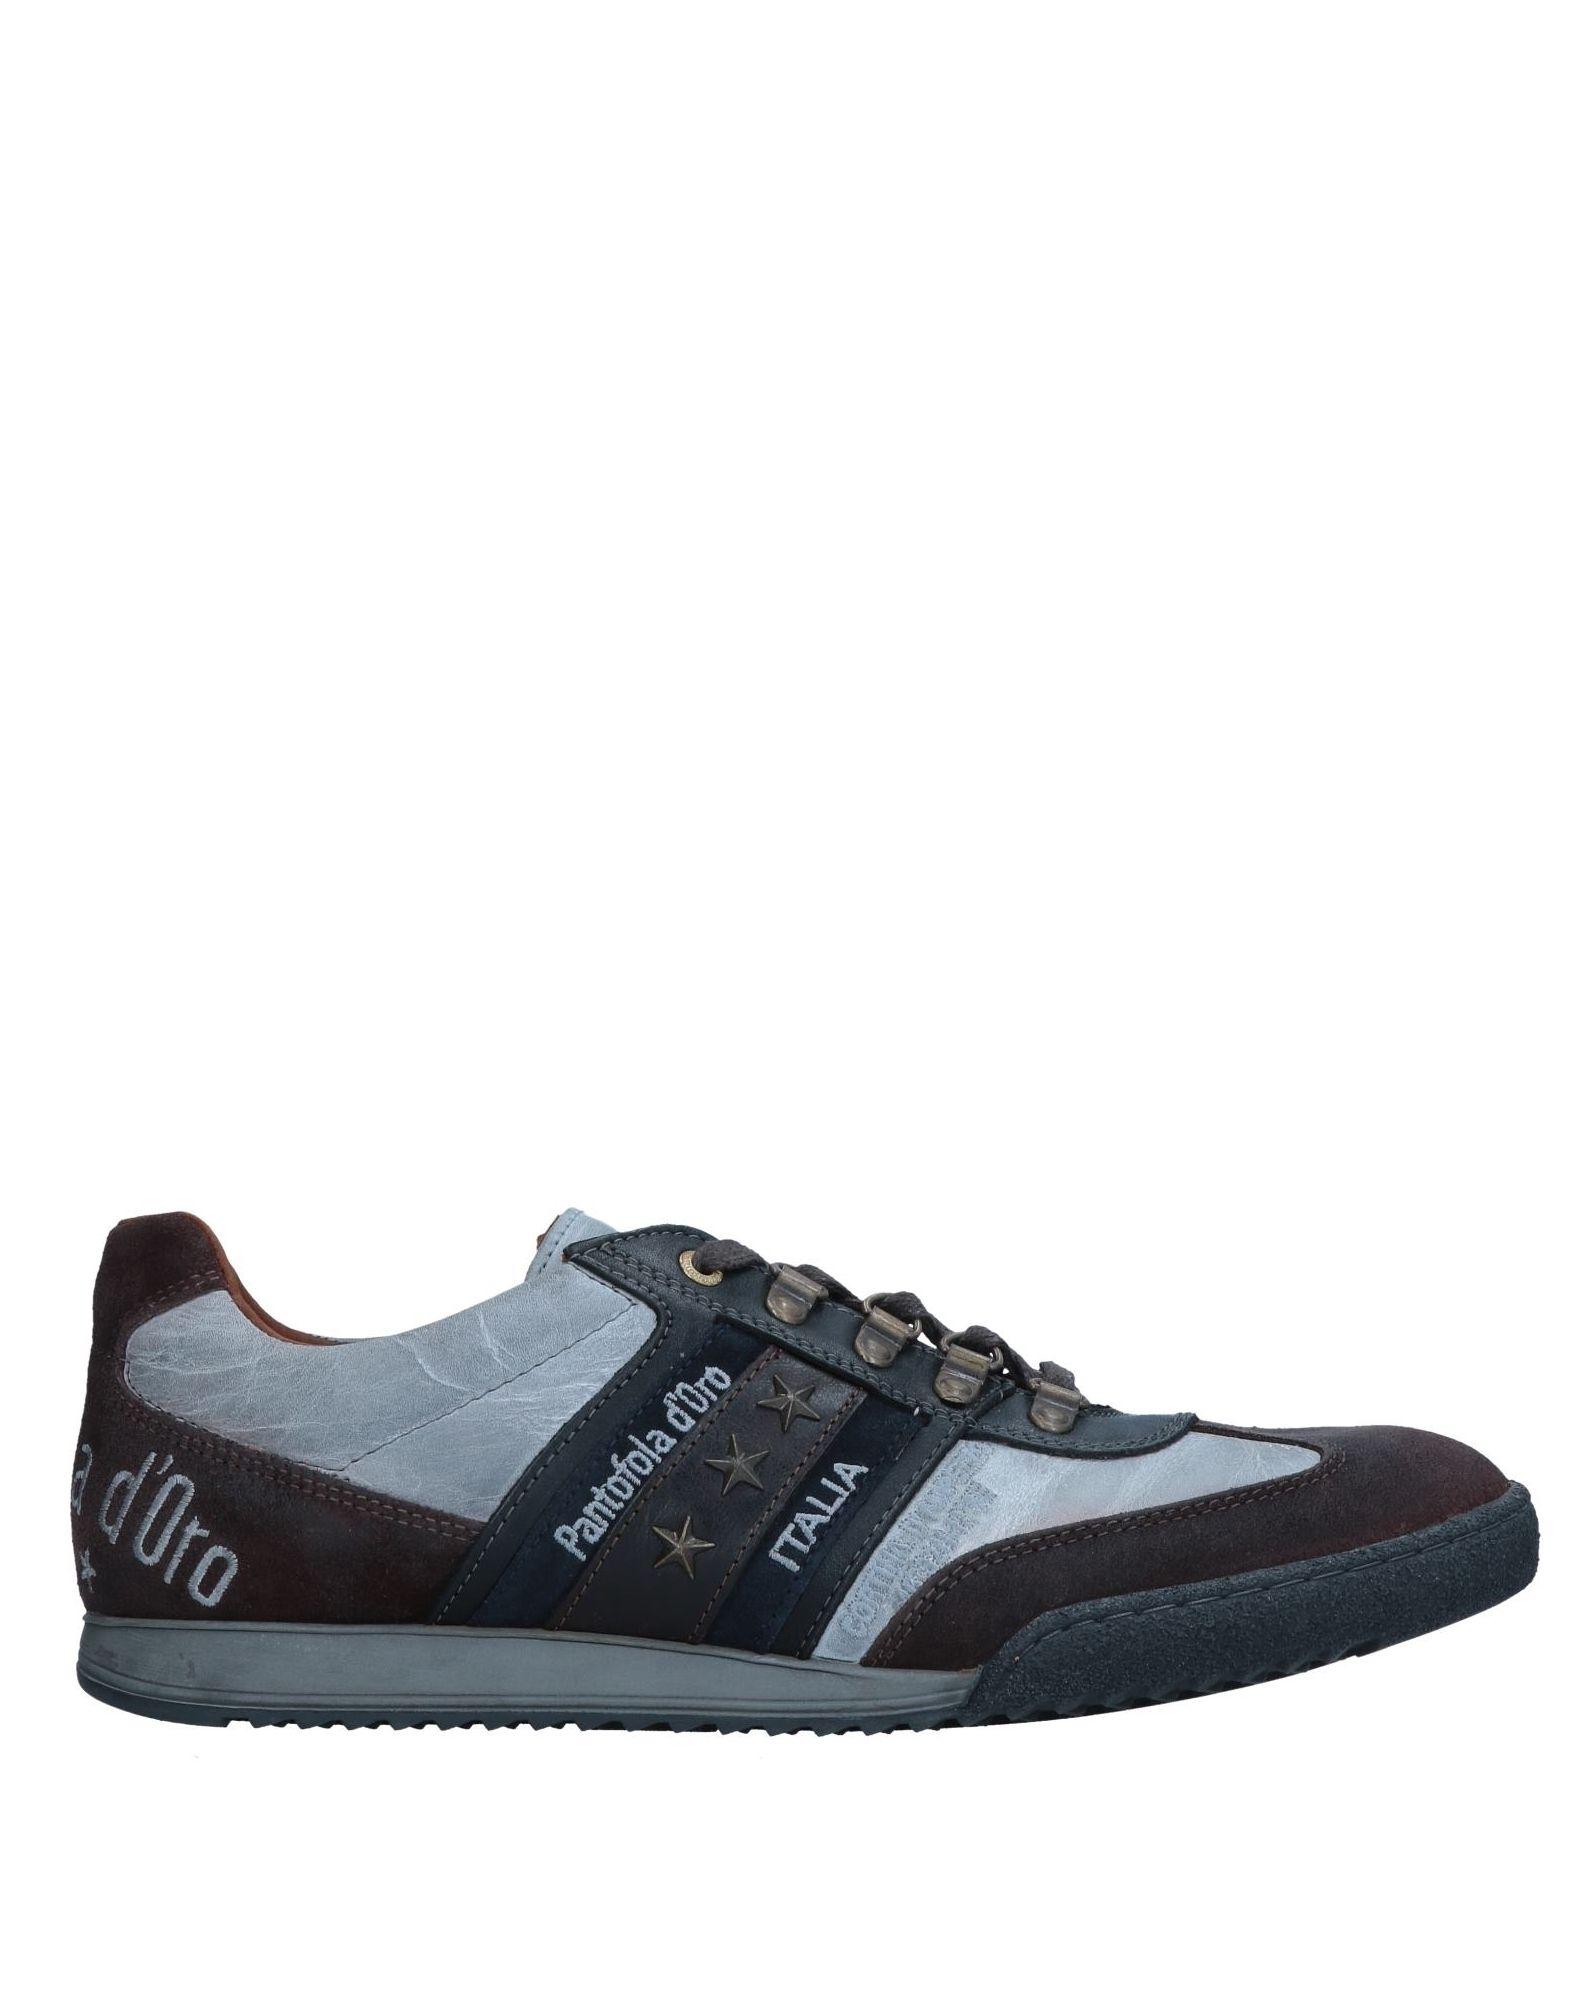 Sneakers Ghōud Venice Homme - Sneakers Ghōud Venice  Bleu foncé Confortable et belle